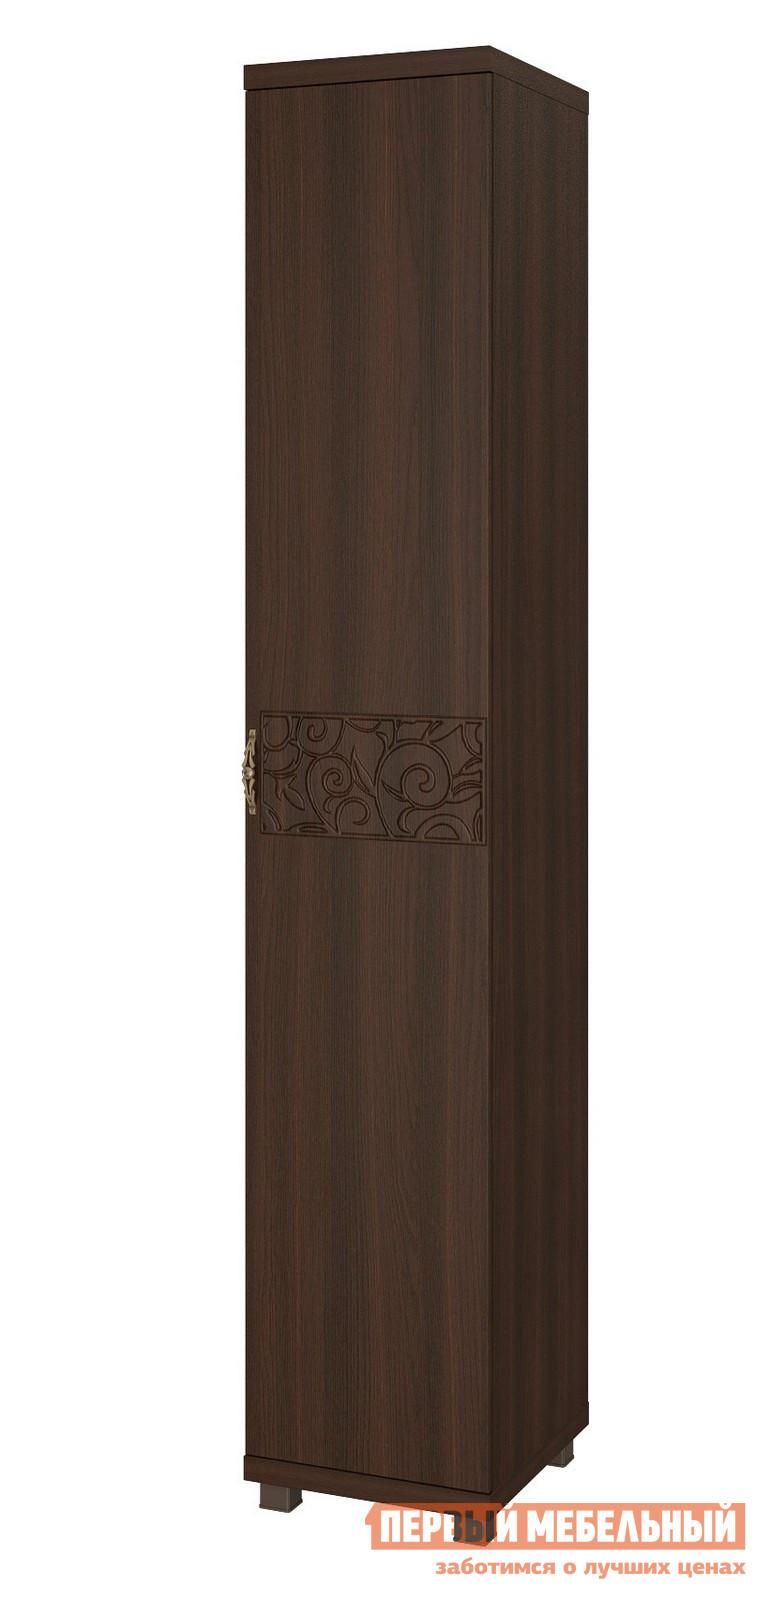 Стеллаж ТД Арника 12 «Ирис» Шкаф-пенал для белья